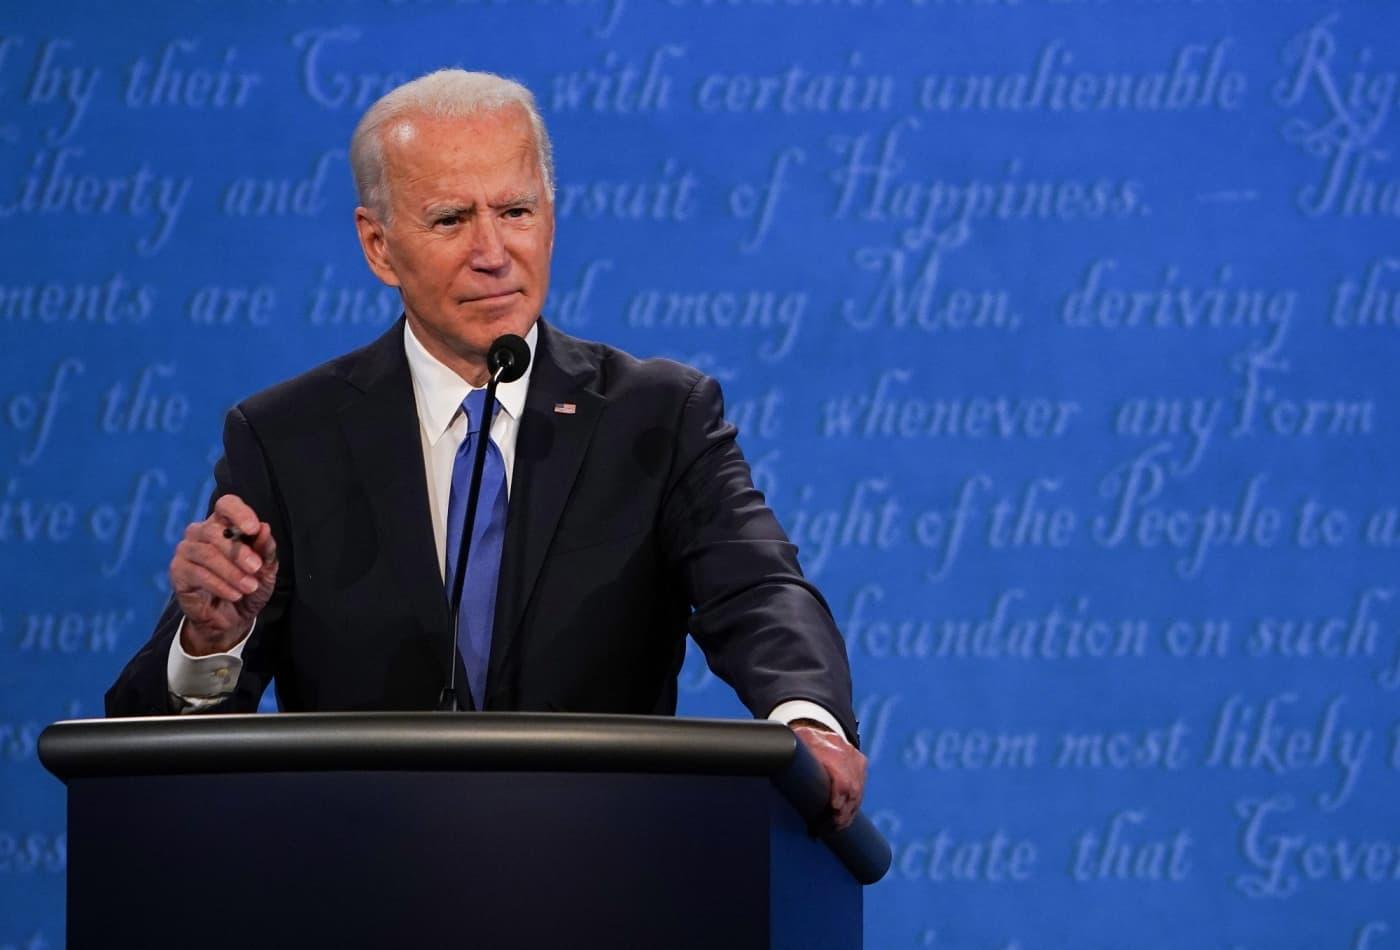 Ứng cử viên Tổng thống Dân chủ và cựu Phó Tổng thống Hoa Kỳ Joe Biden Phát biểu về nợ công